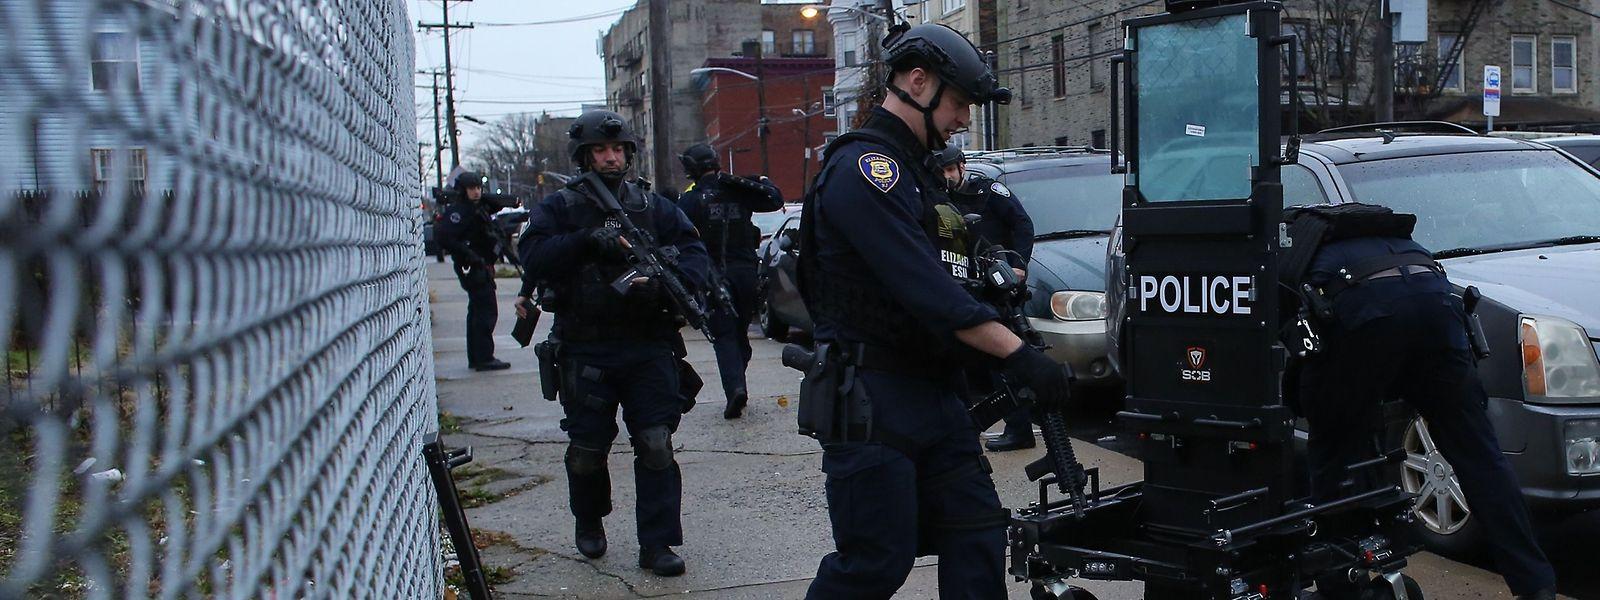 Beamte am Einsatzort: Zwei Männer eröffneten in der Nähe eines kleinen Supermarkts in Jersey City das Feuer und schossen auf Polizisten.